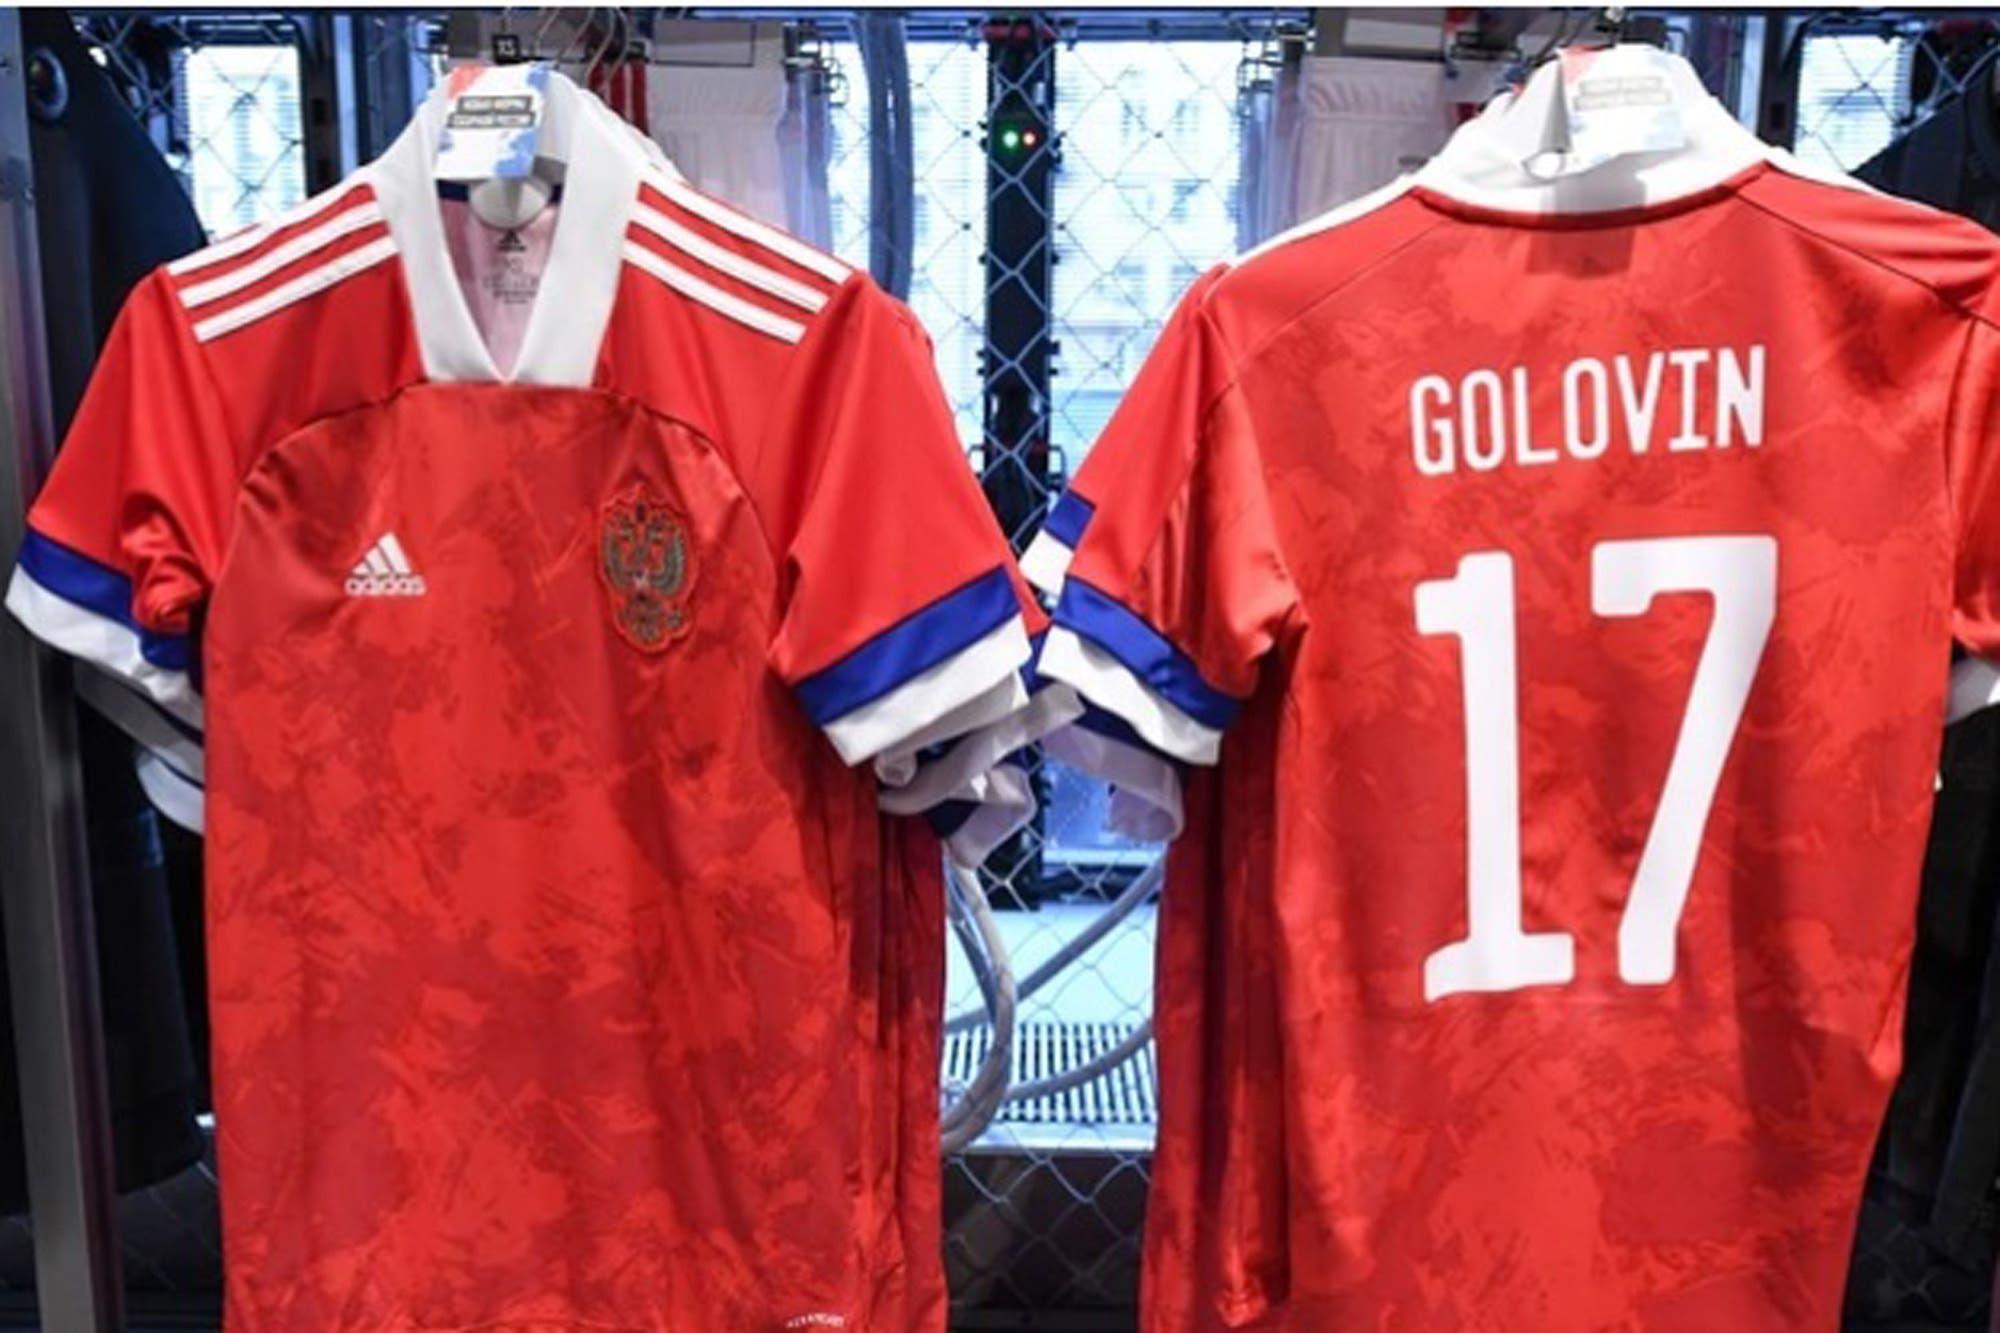 Mal diseño: el error en las nuevas camisetas de Rusia que indignó a los hinchas